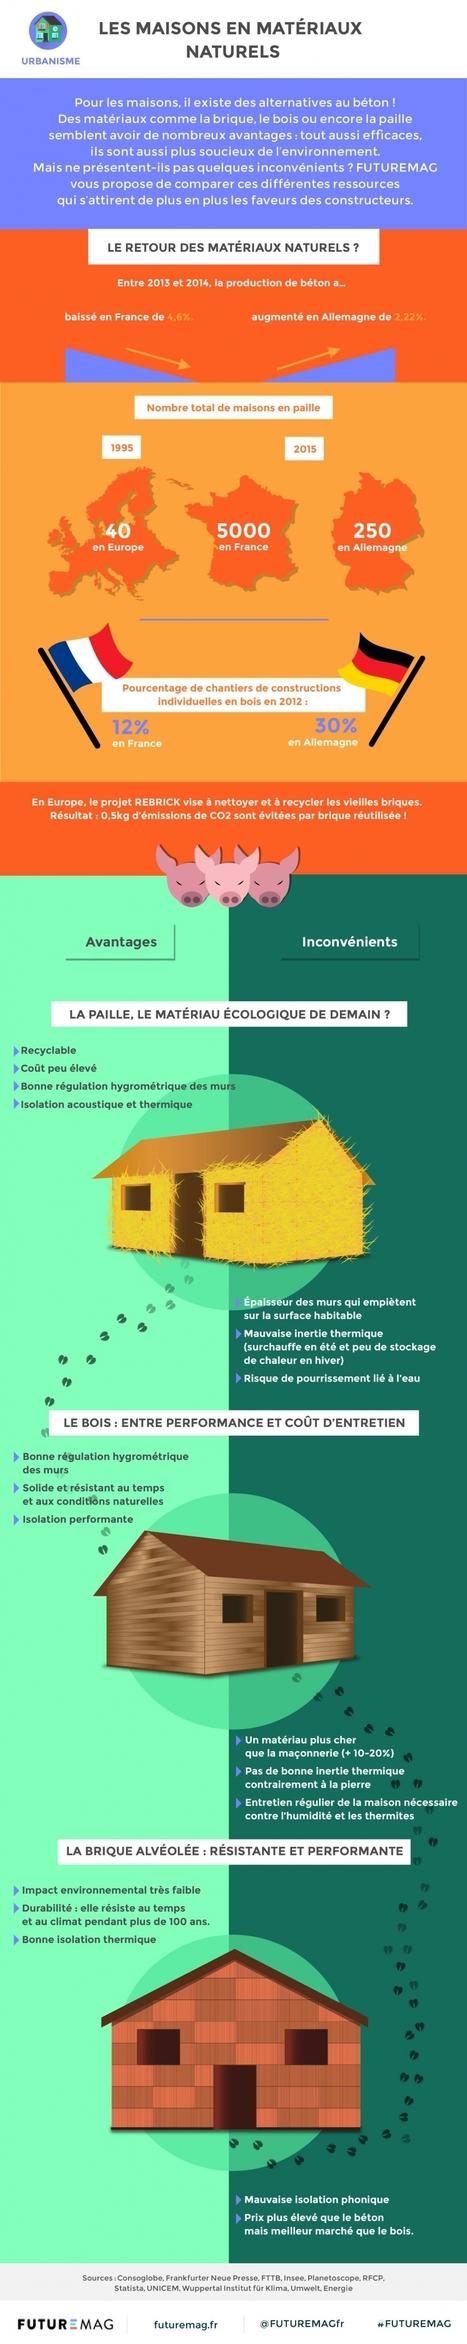 Les maisons en matériaux naturels | Les infographies ! | Scoop.it